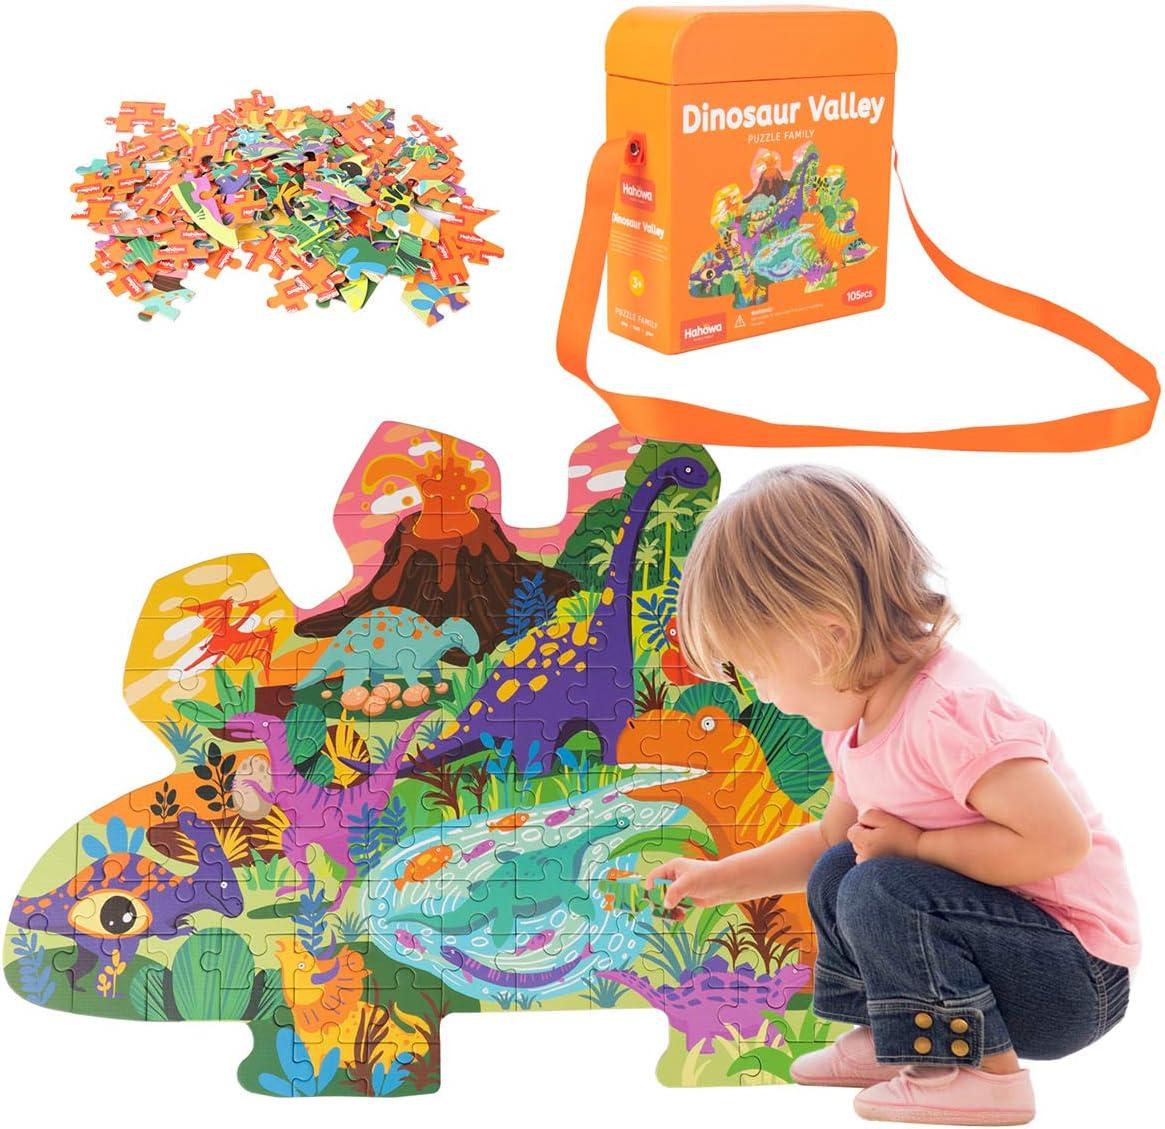 Puzzle de 100 Piezas para niños, Puzzles de Papel JFIEEI, Puzzles de cartón Educativo de Aprendizaje para Regalo de cumpleaños, niños y niñas (Dinosaurio)